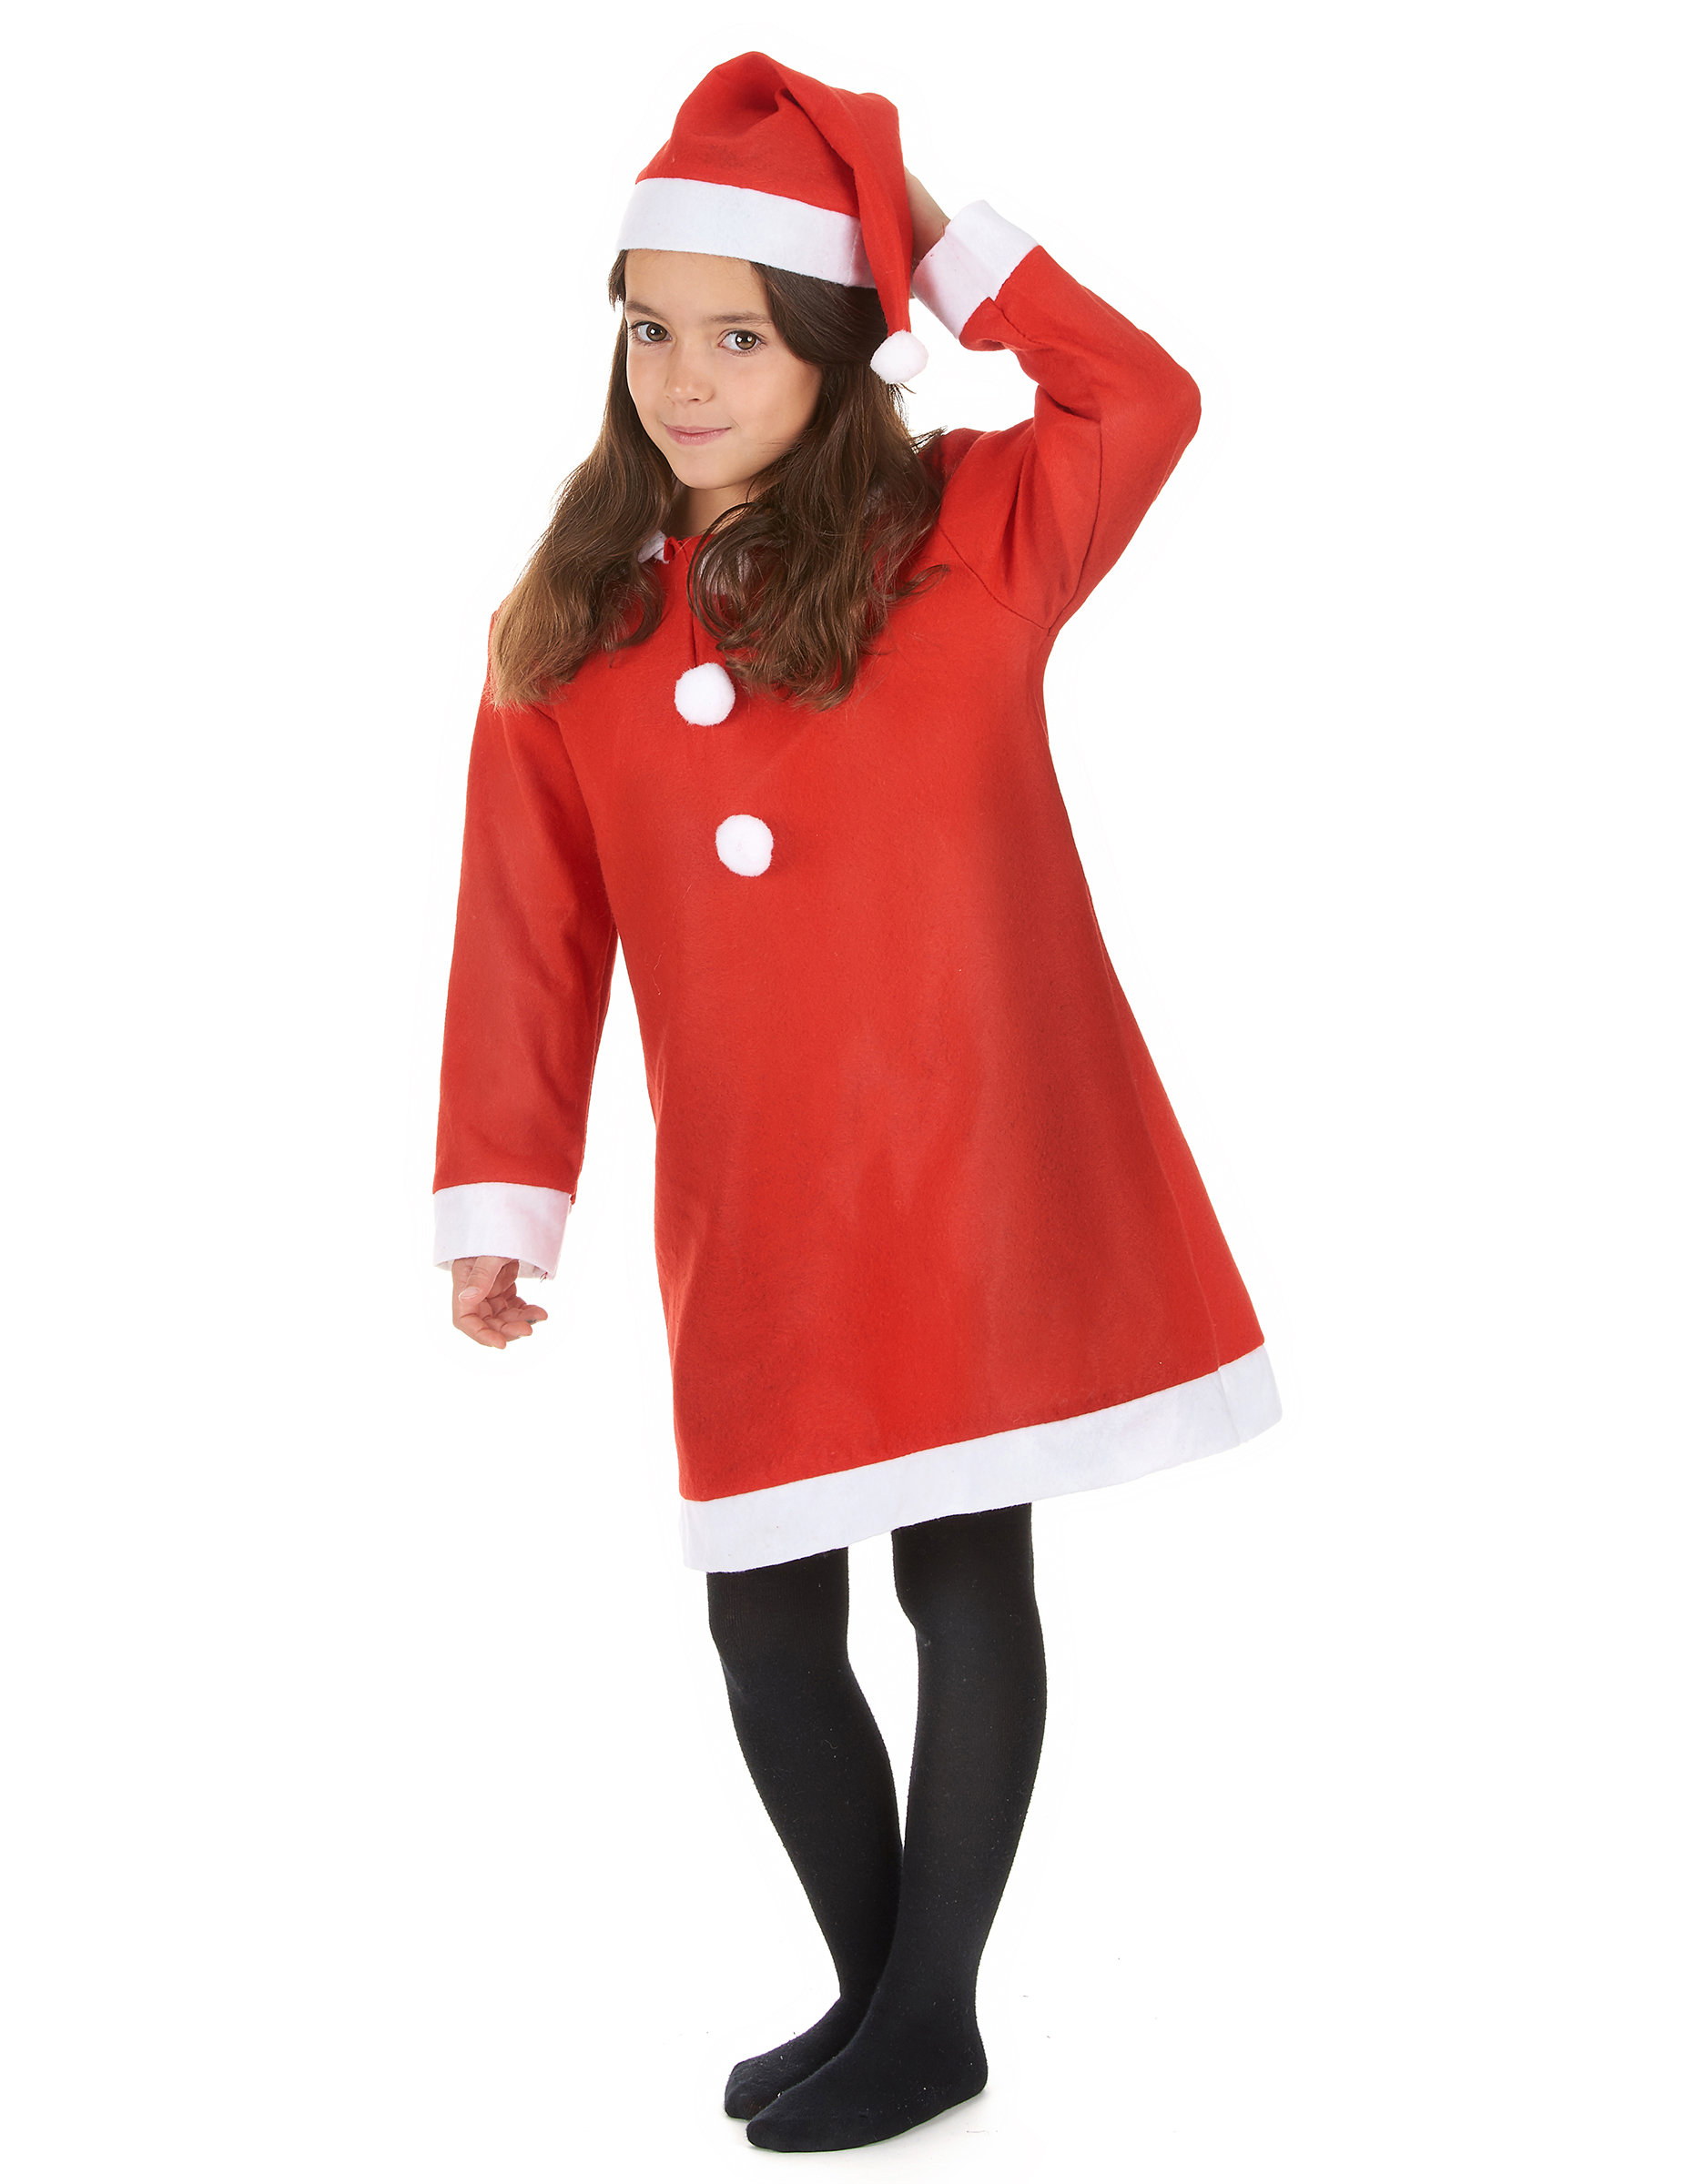 weihnachtsfrau kost m f r m dchen kost me f r kinder und. Black Bedroom Furniture Sets. Home Design Ideas